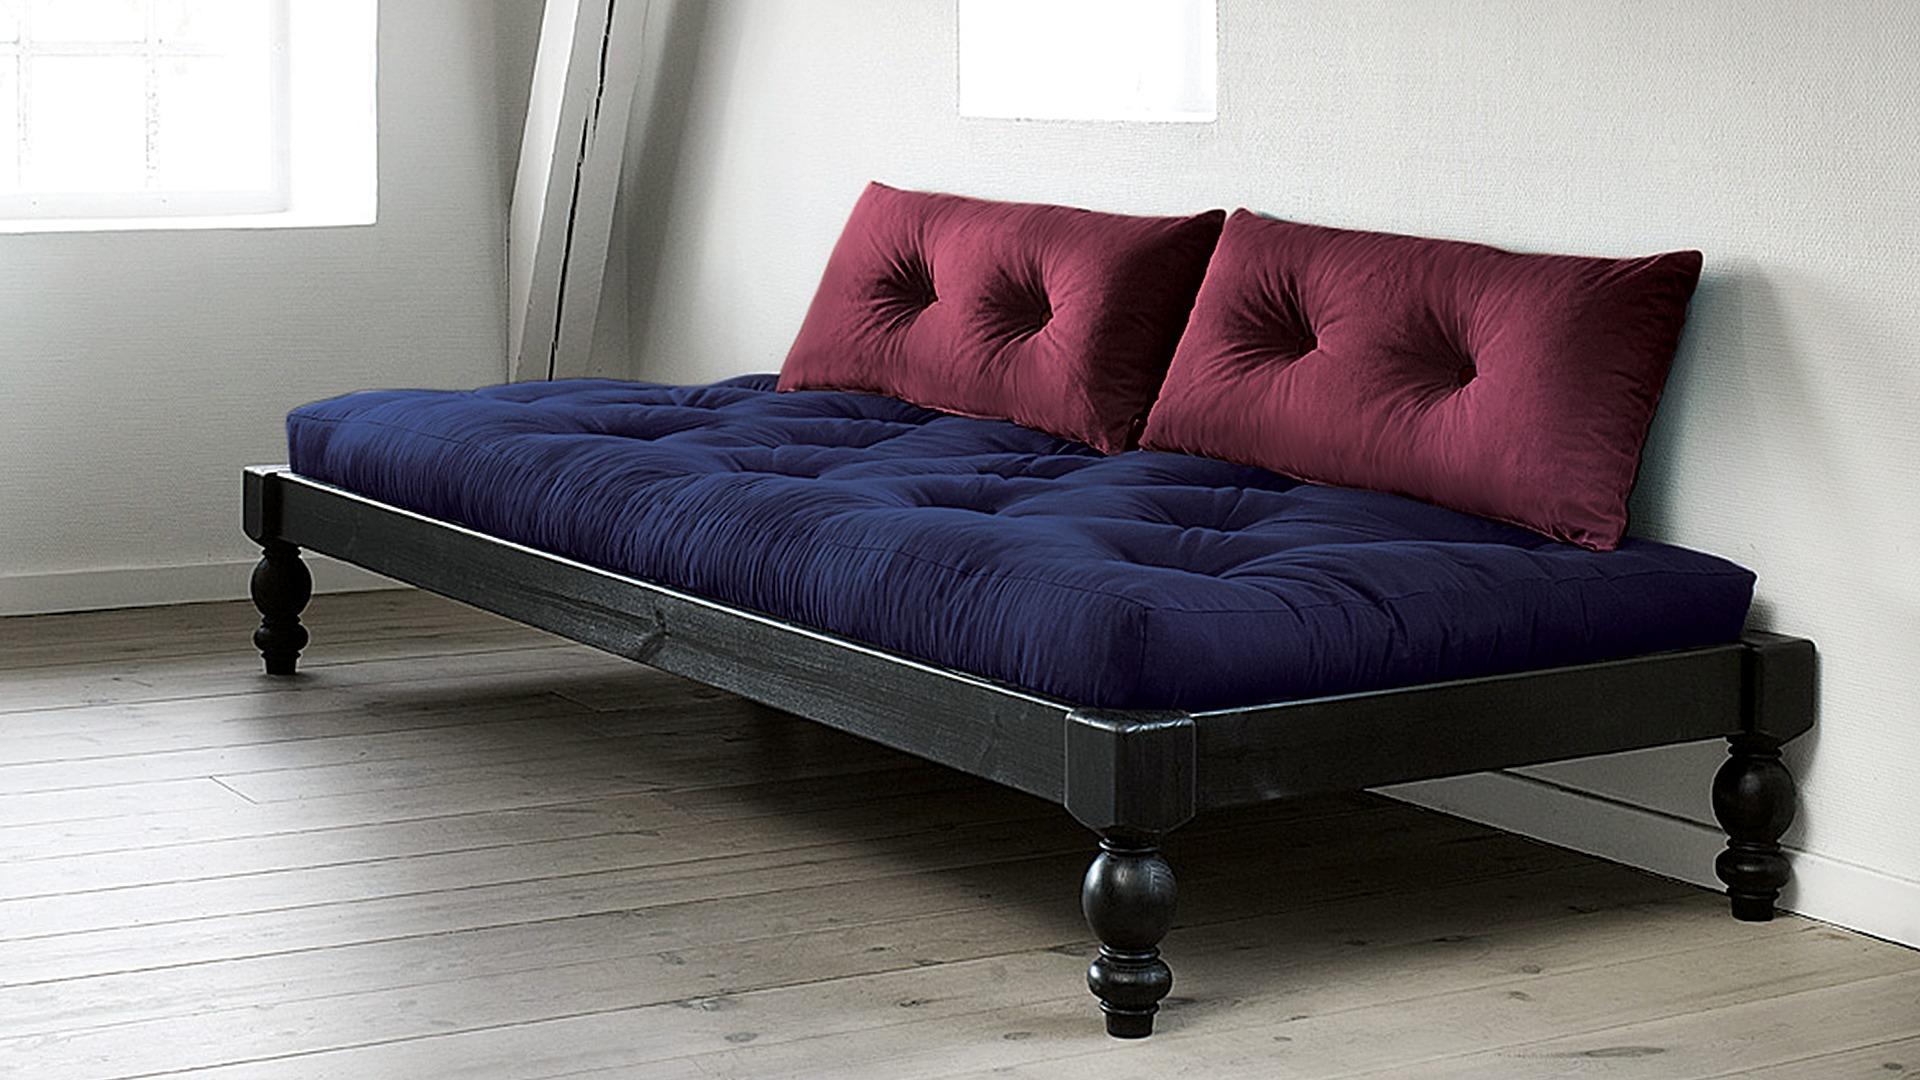 kissen zum anlehnen sigikid kissen pinky queeny with kissen zum anlehnen kissen aus fellimitat. Black Bedroom Furniture Sets. Home Design Ideas